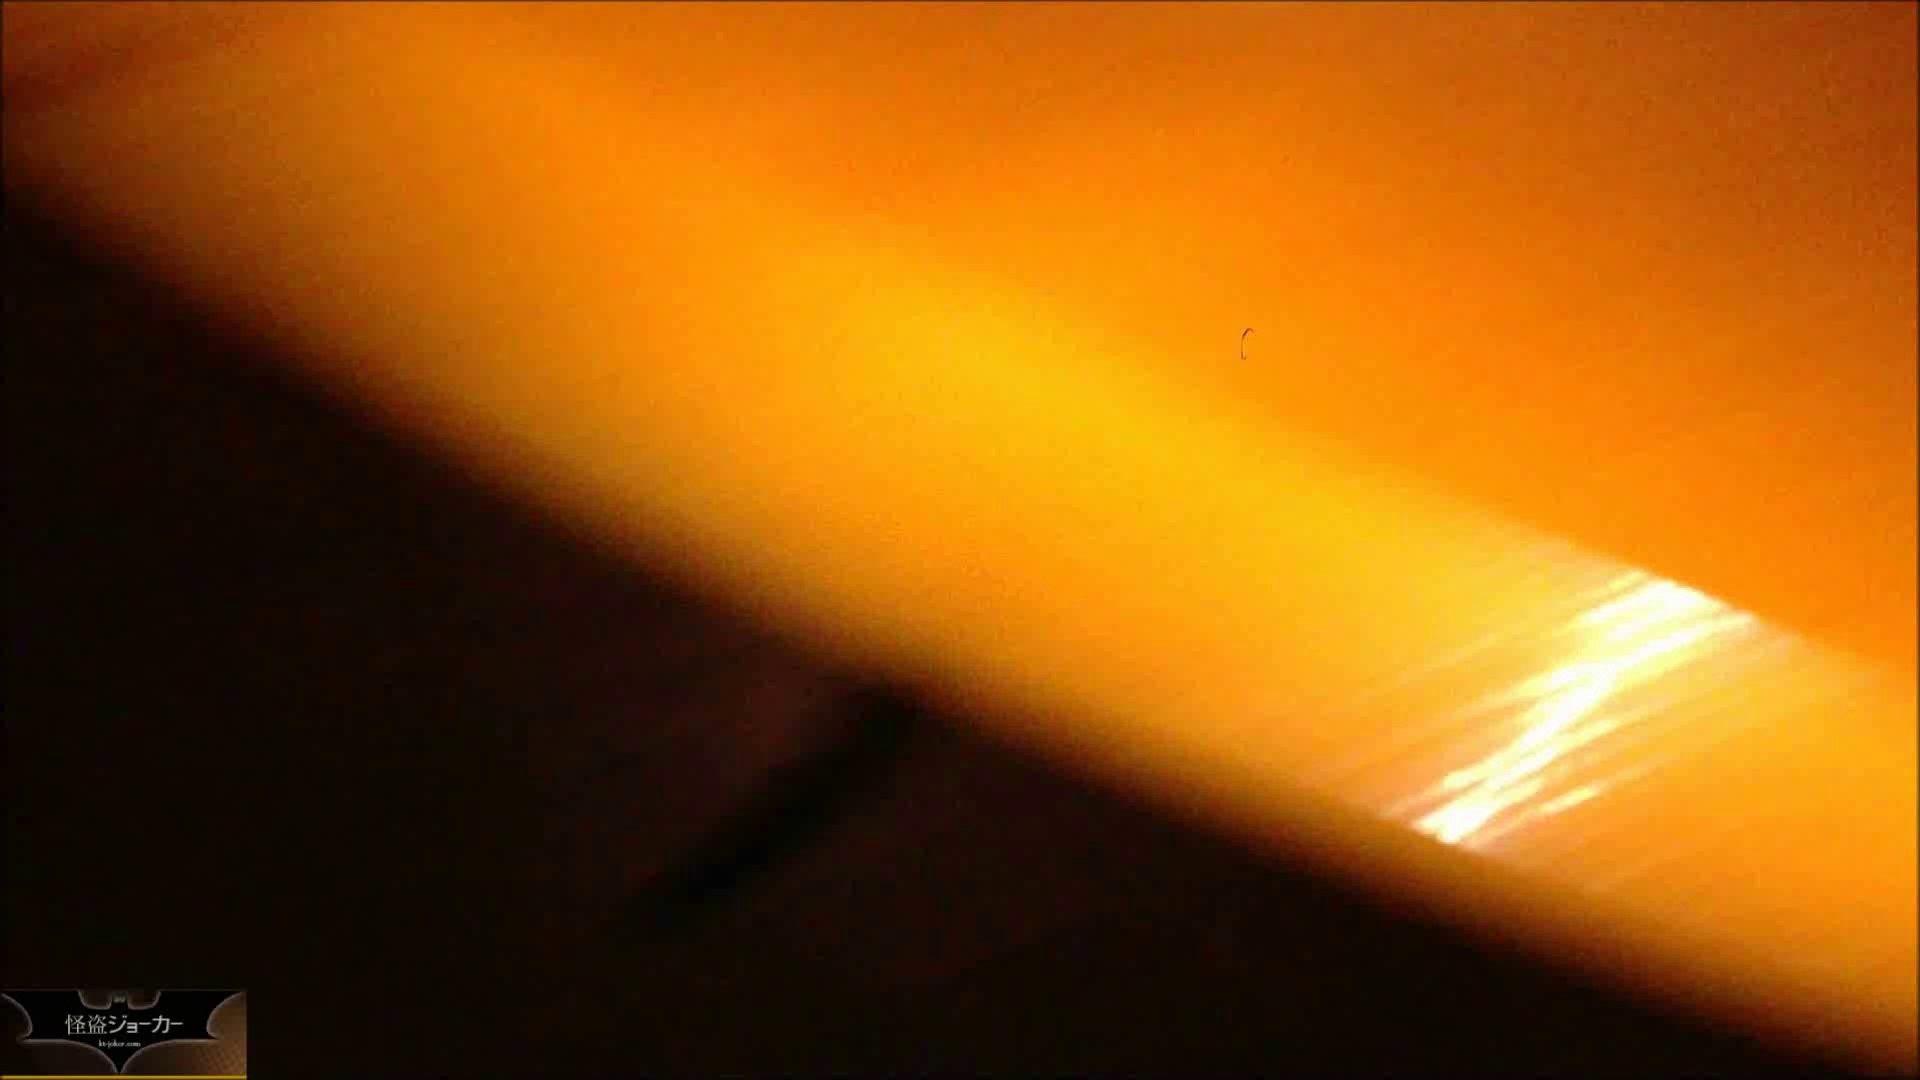 【未公開】vol.74 {西野カナ似の美系大学生}Y・Iちゃん② OLのボディ | 0  105PIX 1